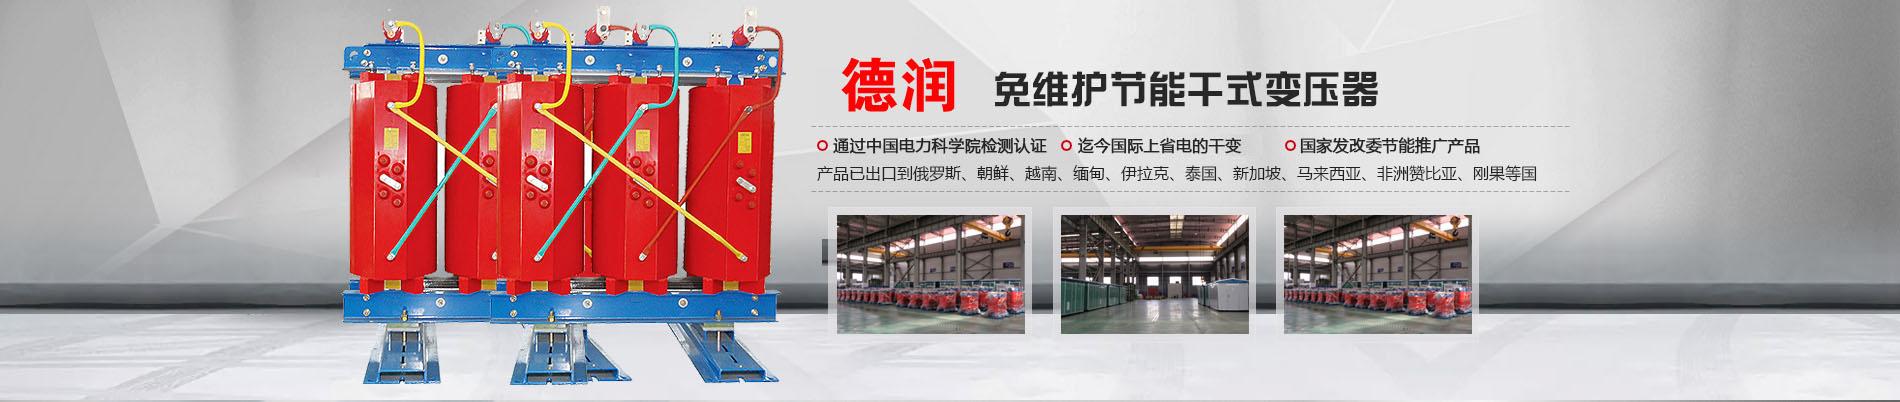 潍坊干式变压器厂家